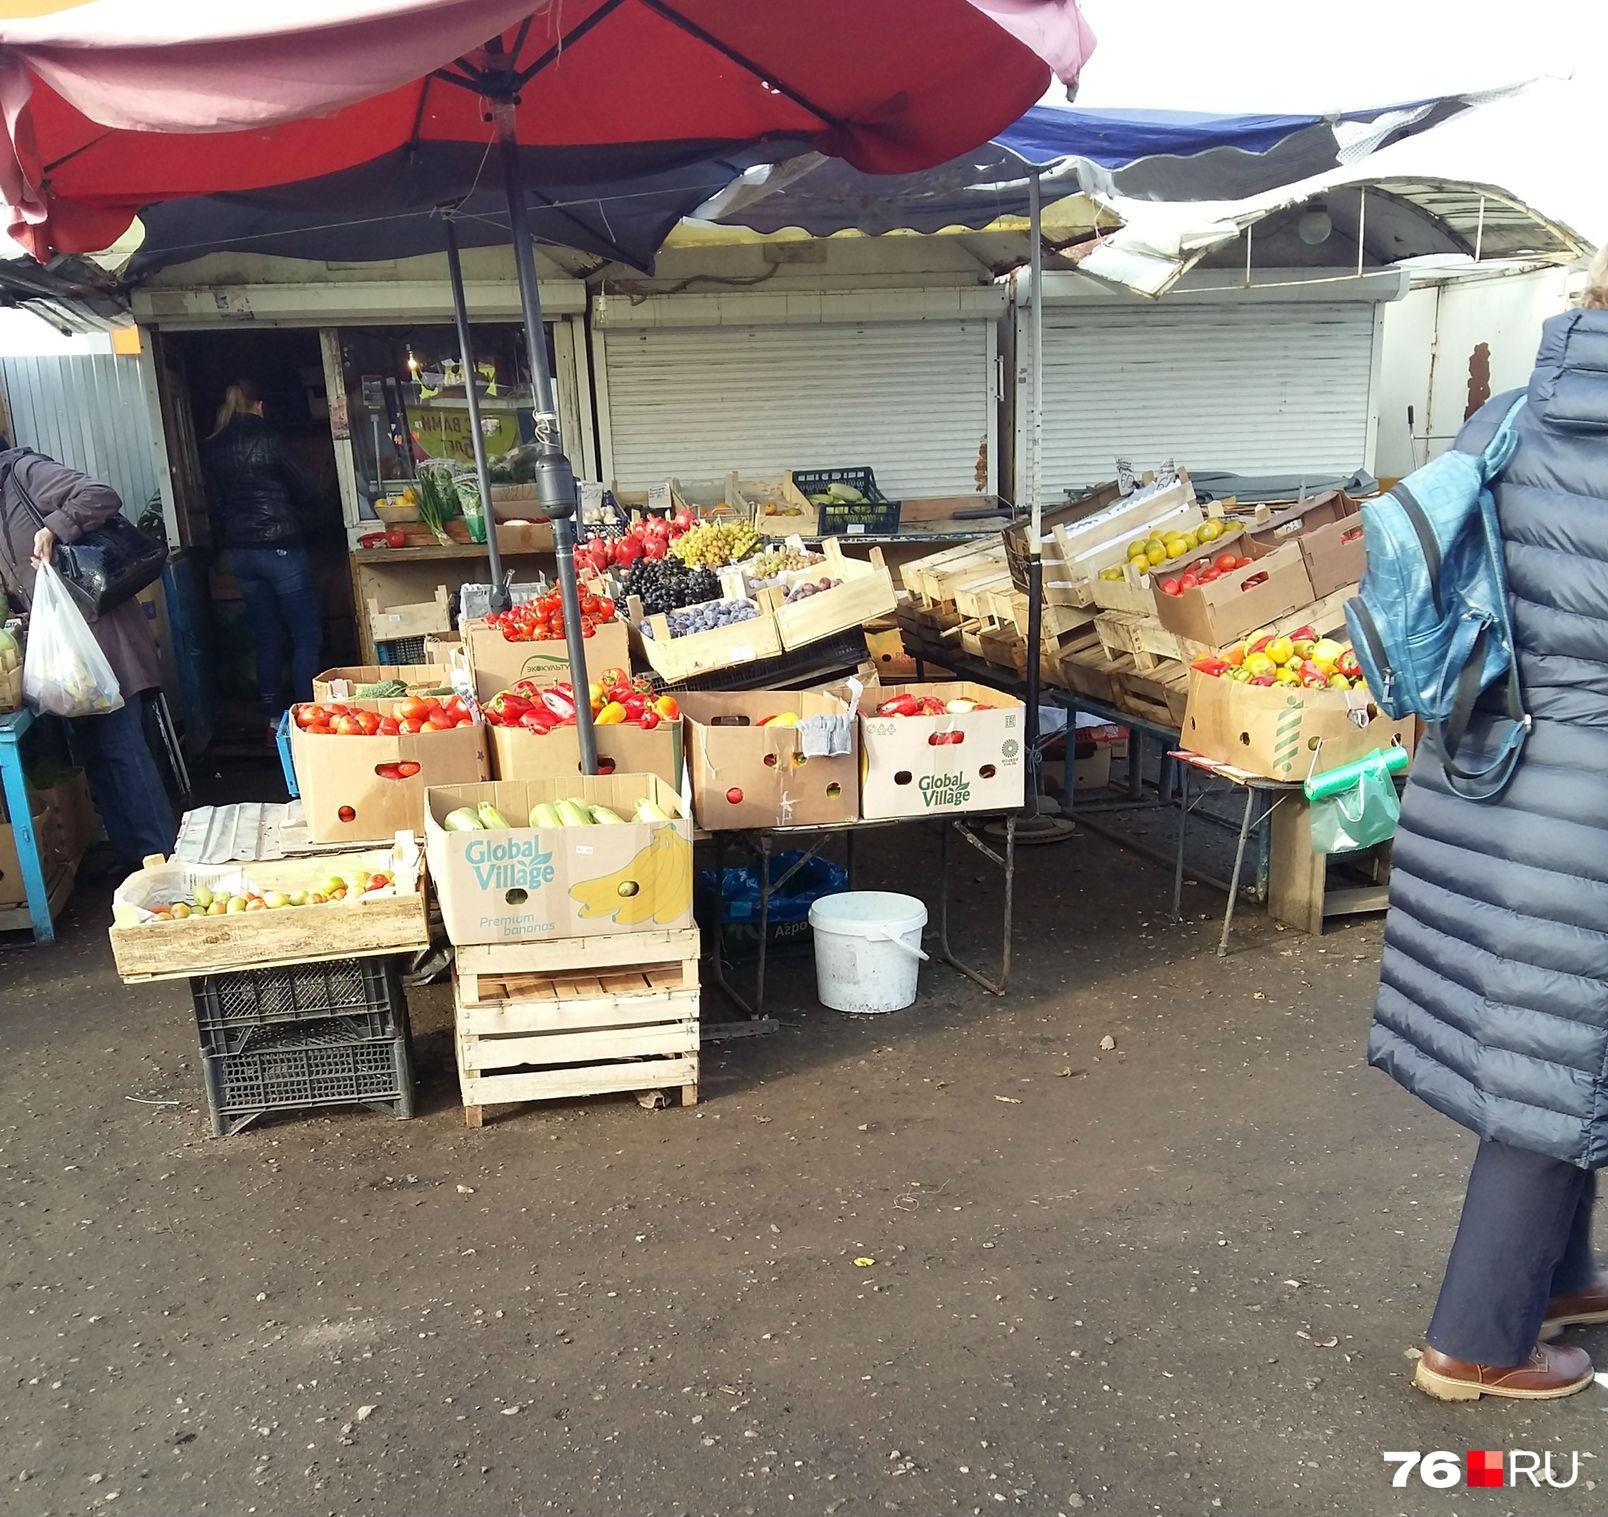 Жители Брагино говорят, что уже привыкли ходить на рынок за свежими овощами